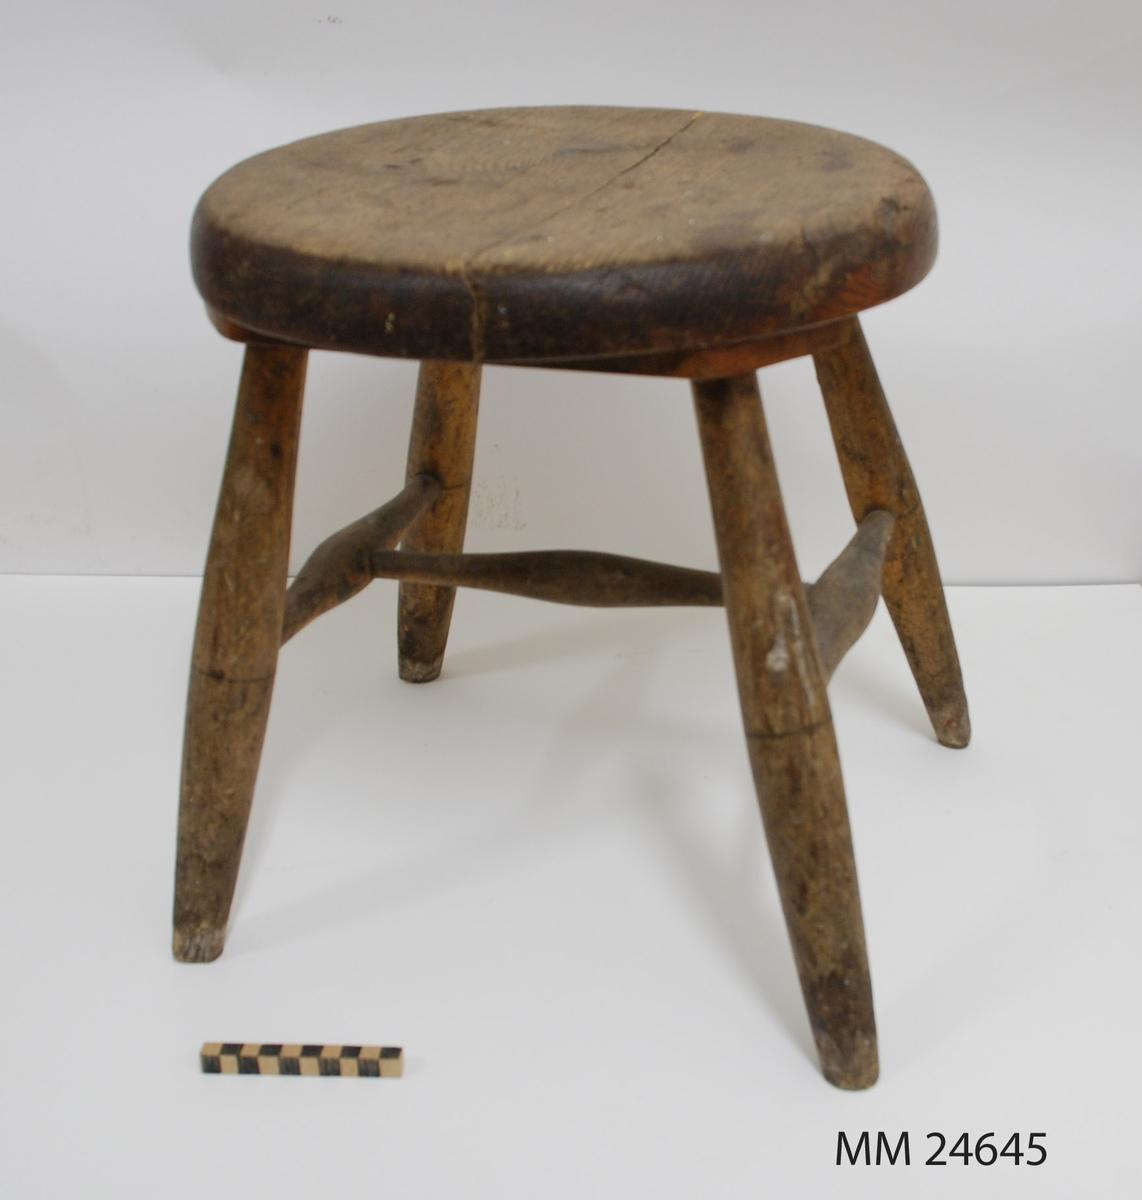 """Pall av trä med fyra ben. Runda ben med svarvade träslåar, sk. H-kryss. Benen tappade i två reglar under sitsen. Reglarna skruvade i sitsen. Rund sits, spricka genom hela sitsen. Märkning i blyerts under sitsen: """"1868-11-4""""."""